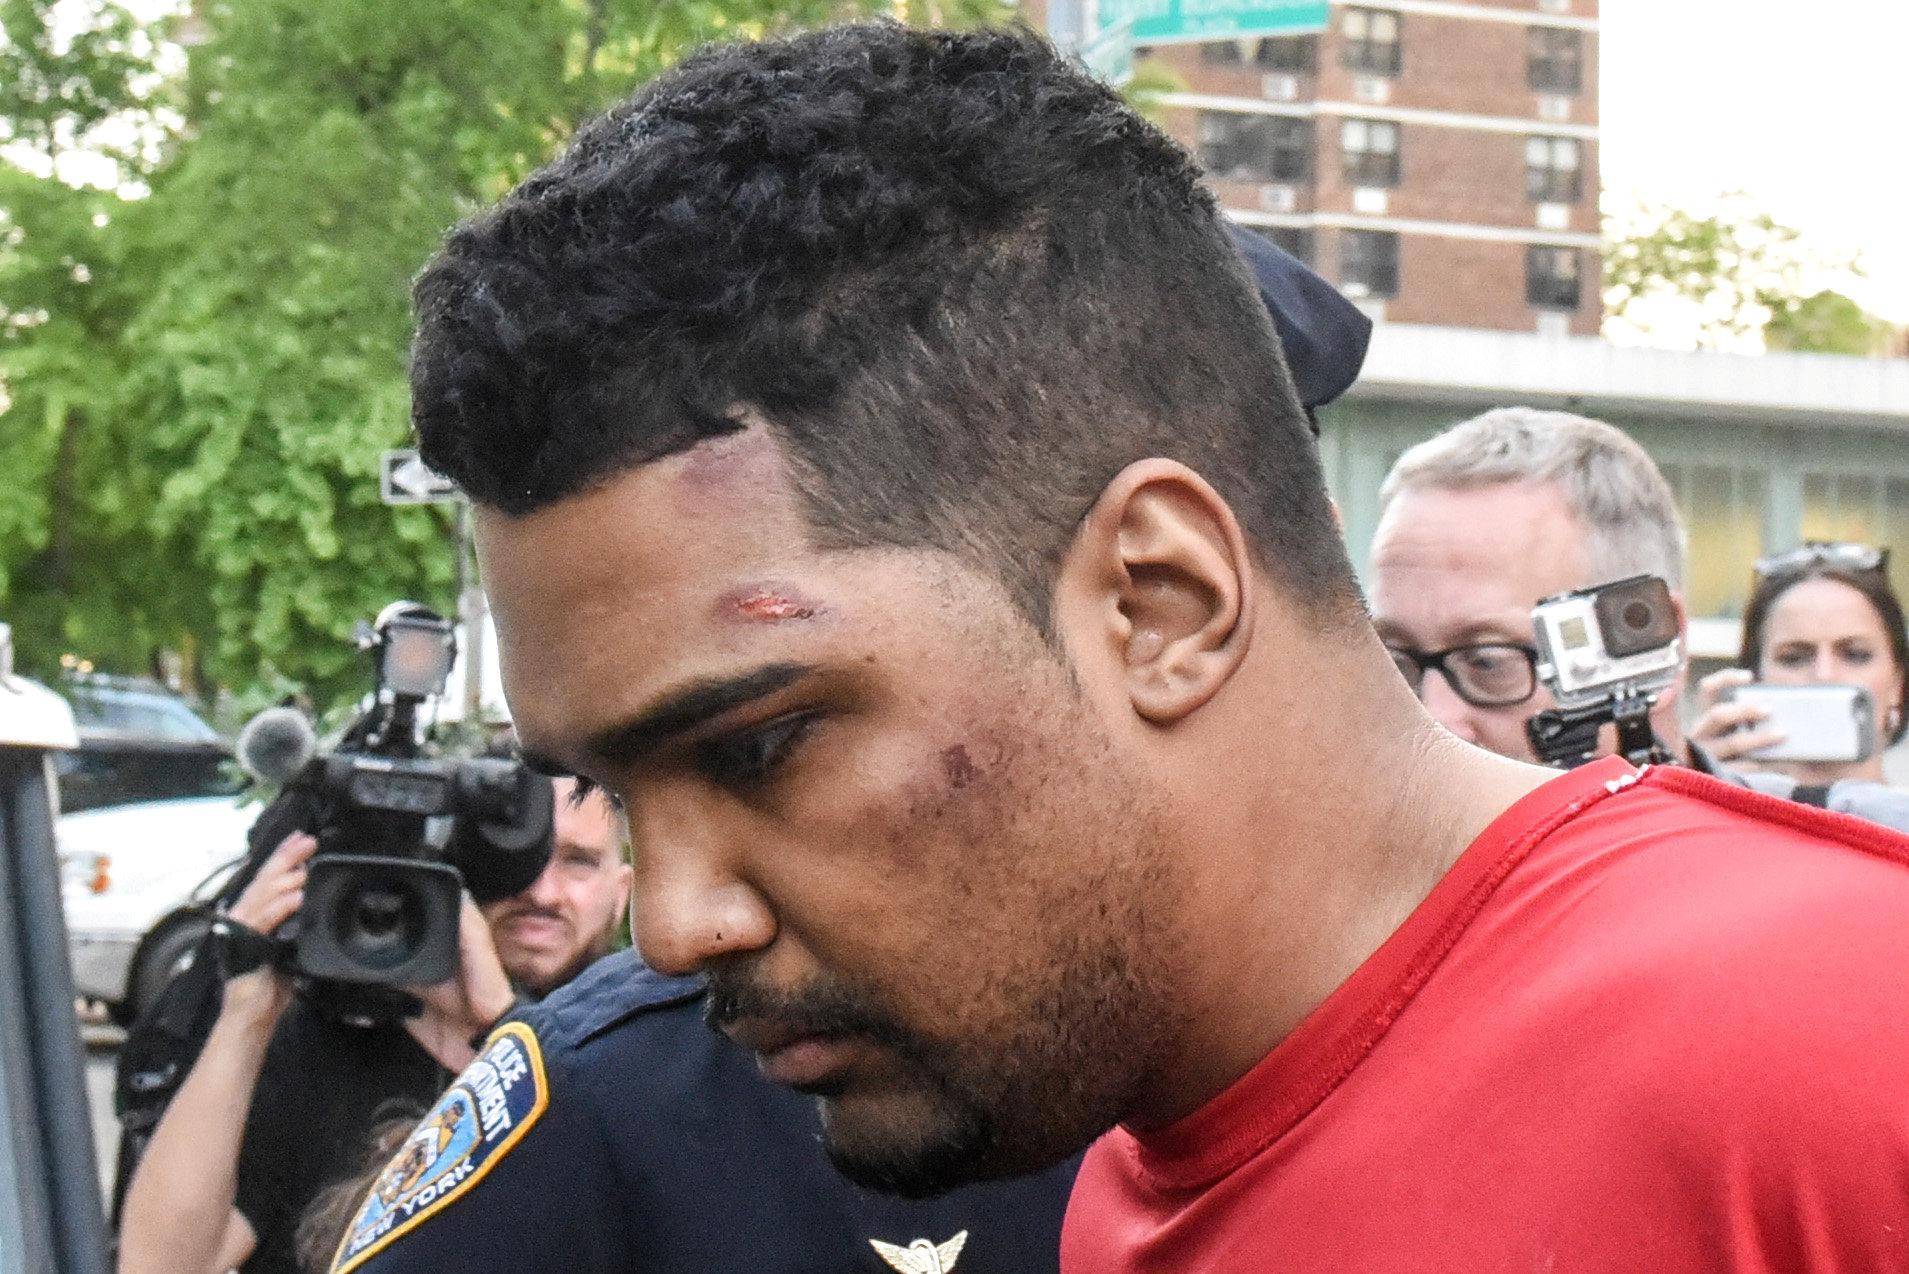 Richard Rojas arrestato dopo aver investito la folla a Times Square